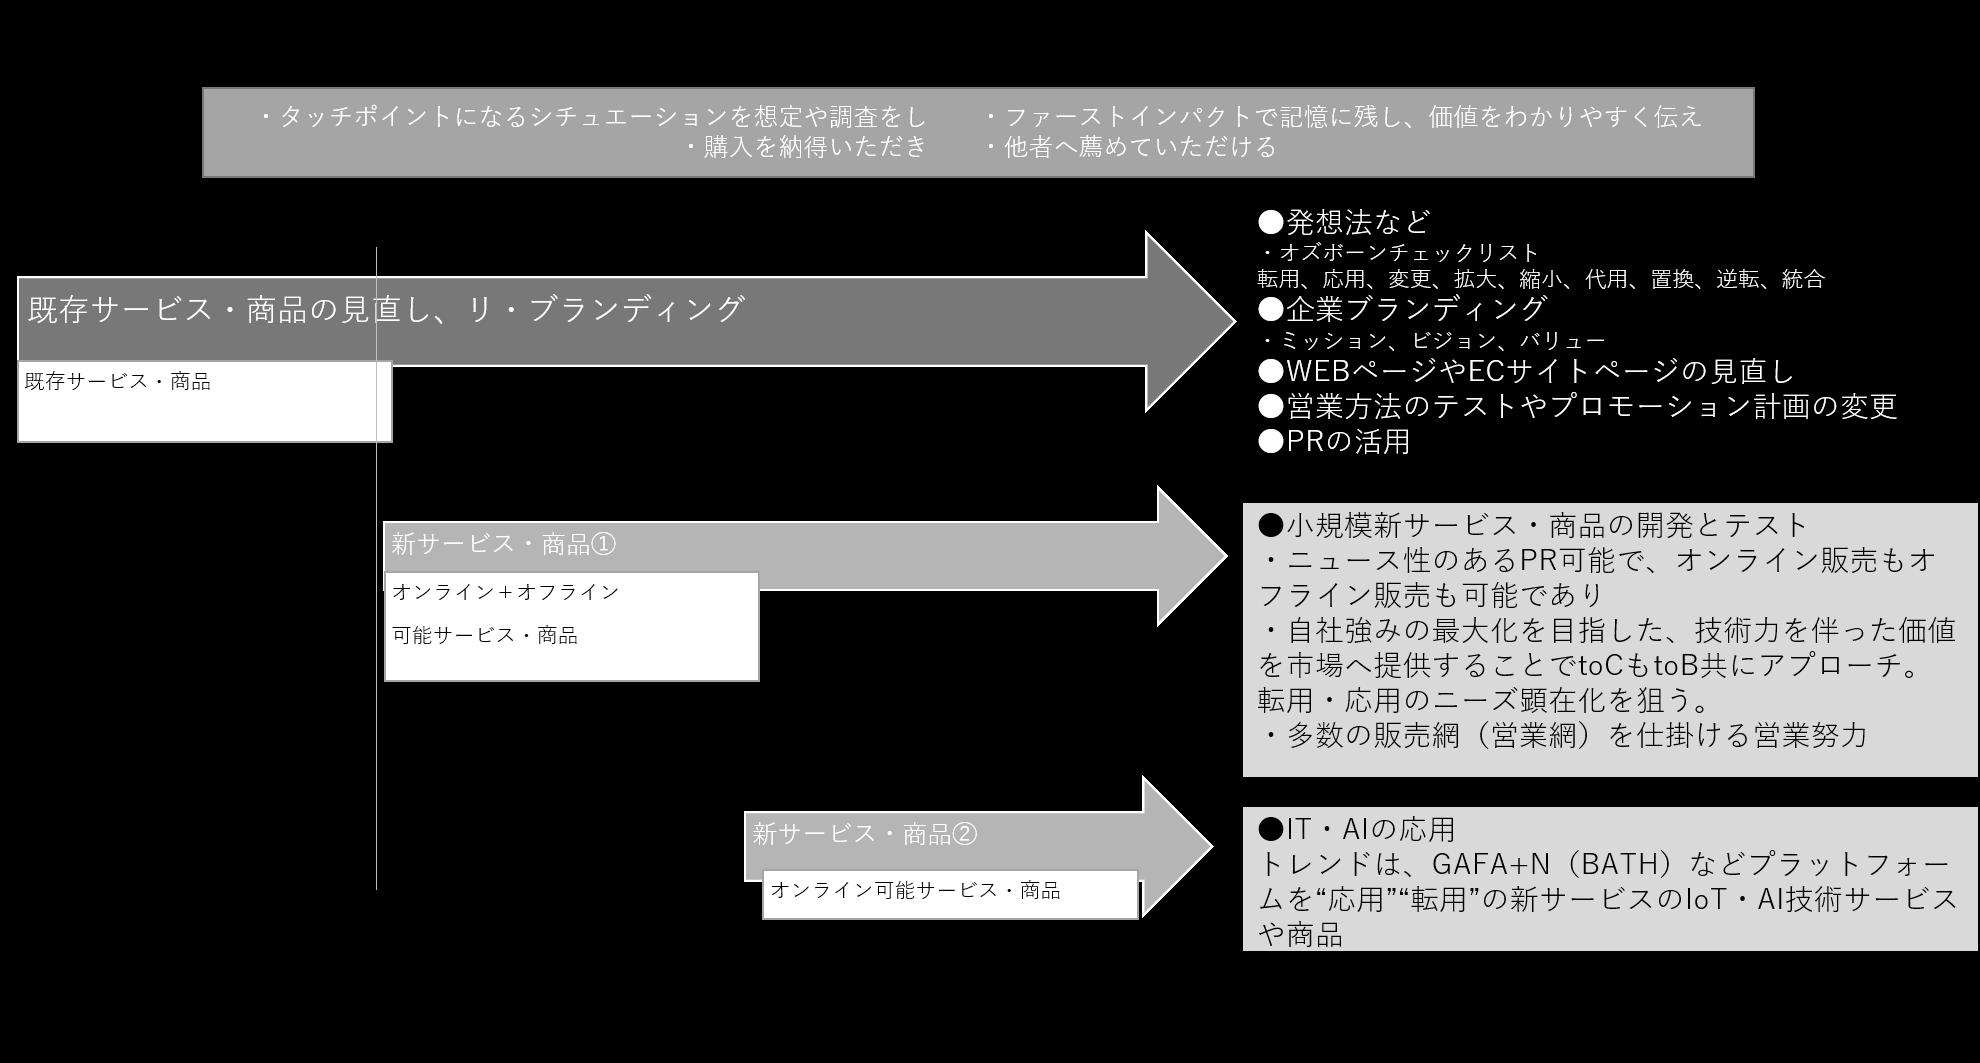 プロダクトデザインに込めるメッセージの変化